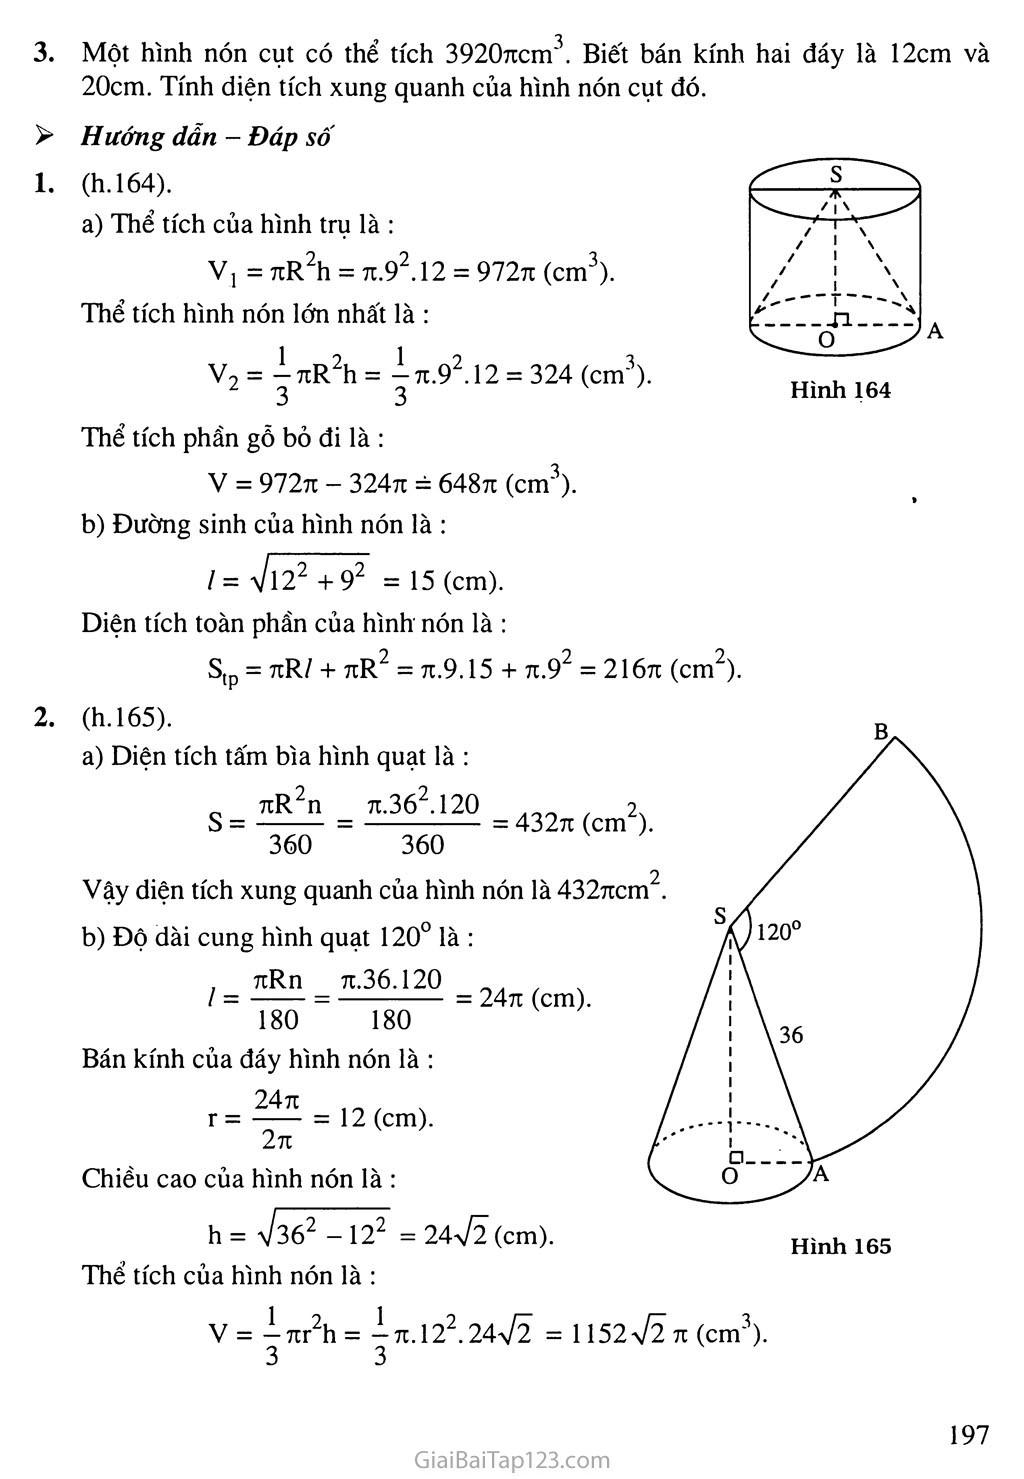 Bài 2. Hình nón - Hình nón cụt - Diện tích xung quanh và thể tích của hình nón, hình nón cụt trang 7